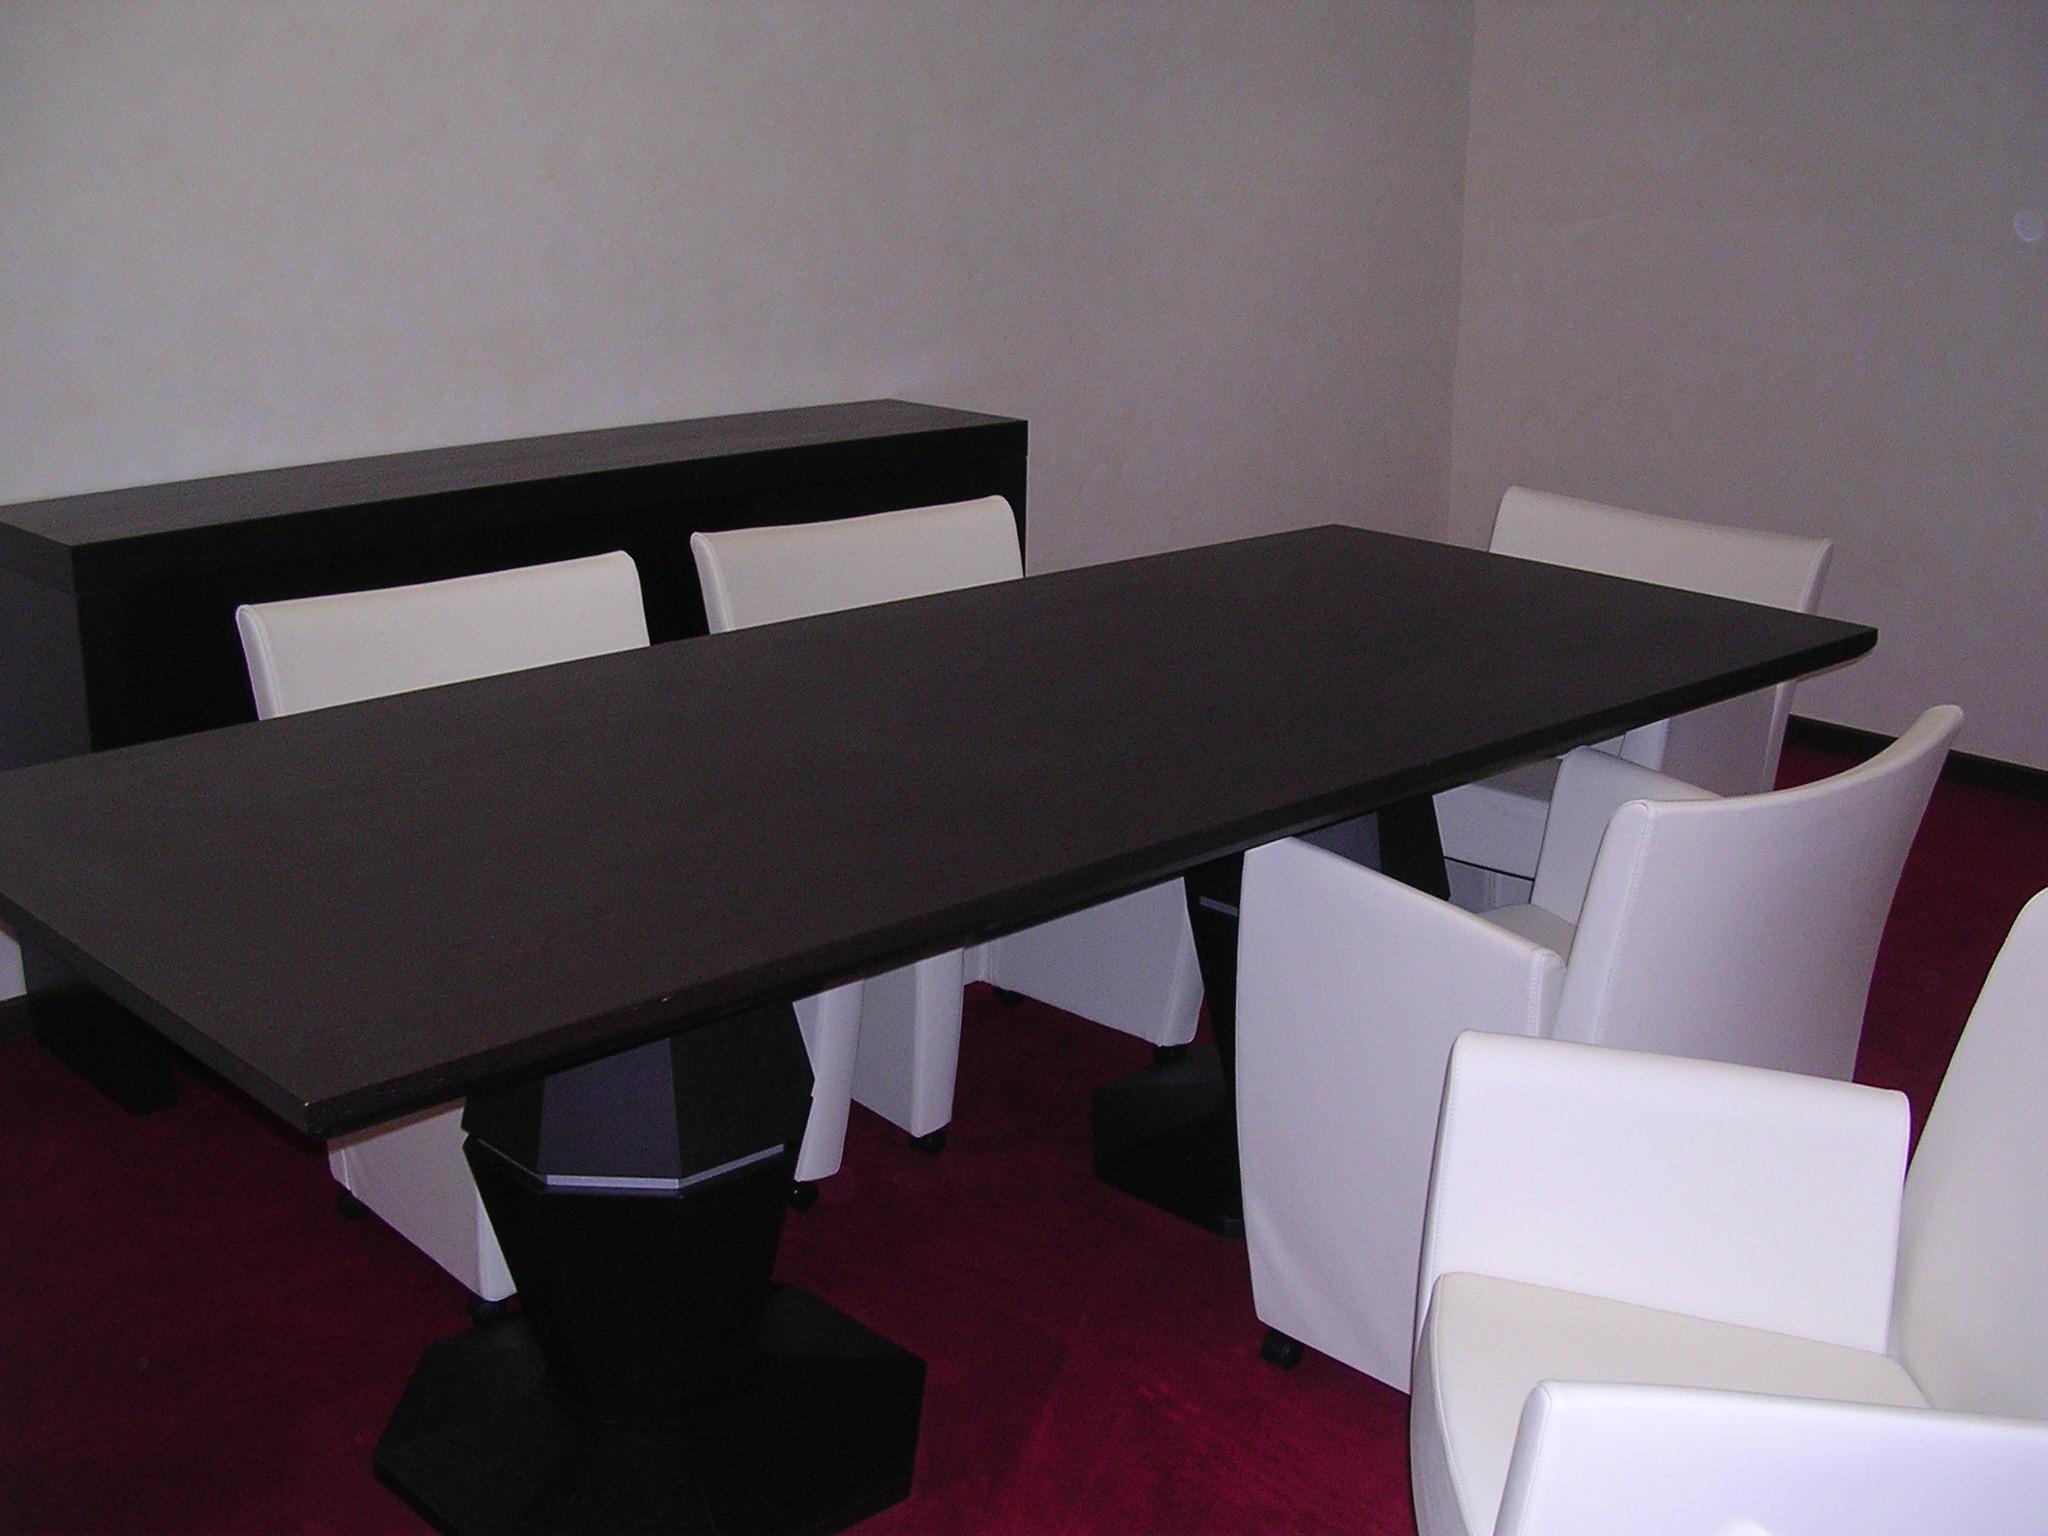 Tavoli Soggiorno Moderni Roma : Armadi In Stile Moderno A Roma Arredi  #59172C 2048 1536 Ikea Tavoli Riunione